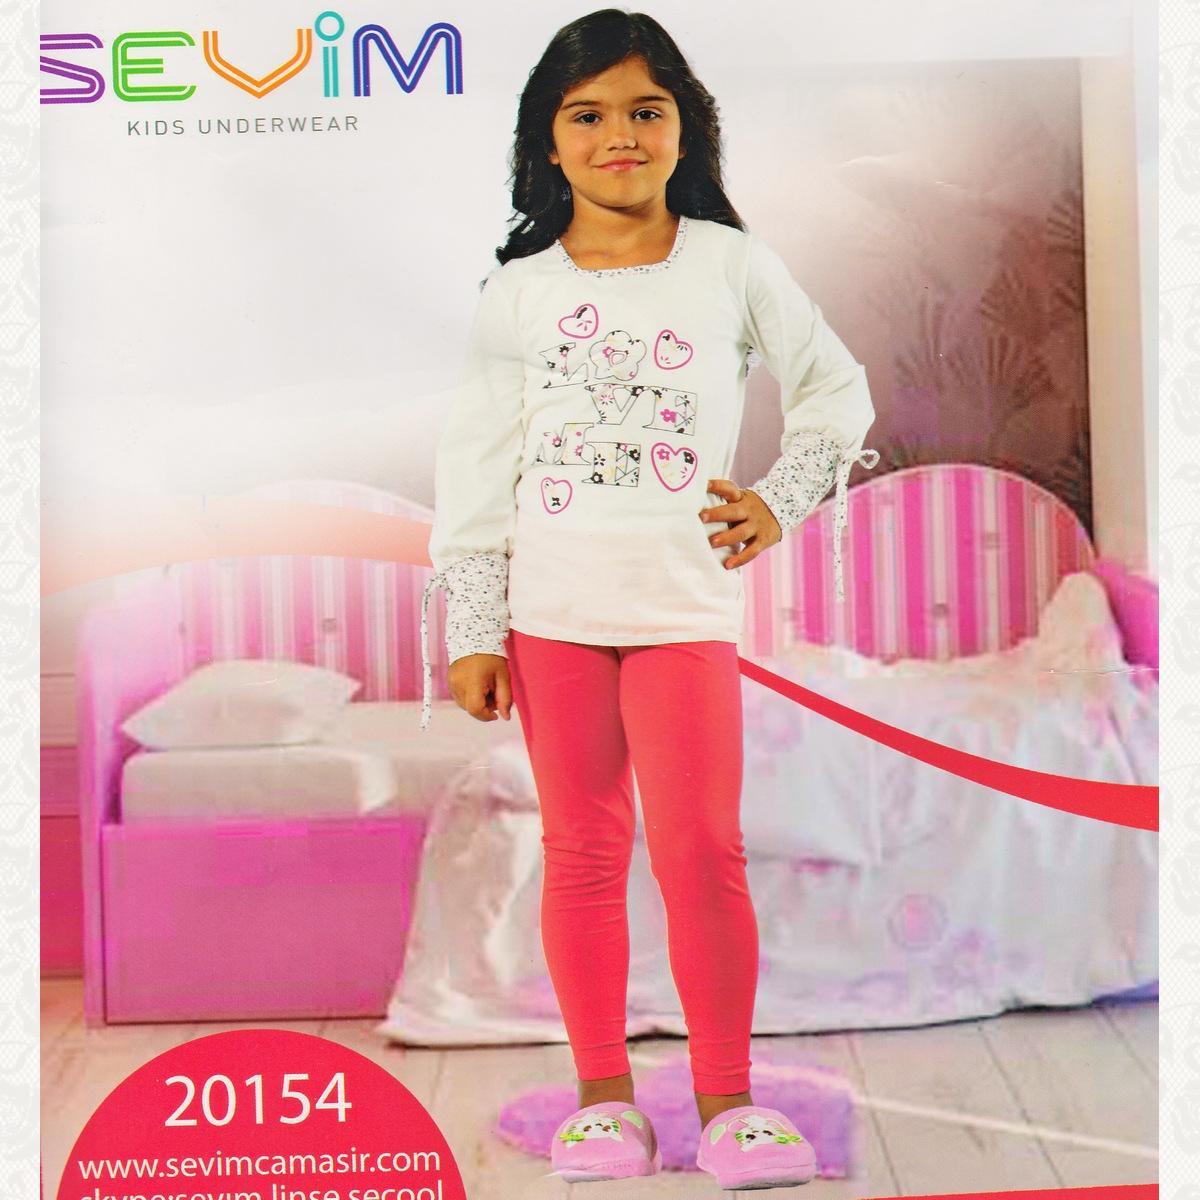 Пижама для девочки, цвет белый с фото, 2 шт.